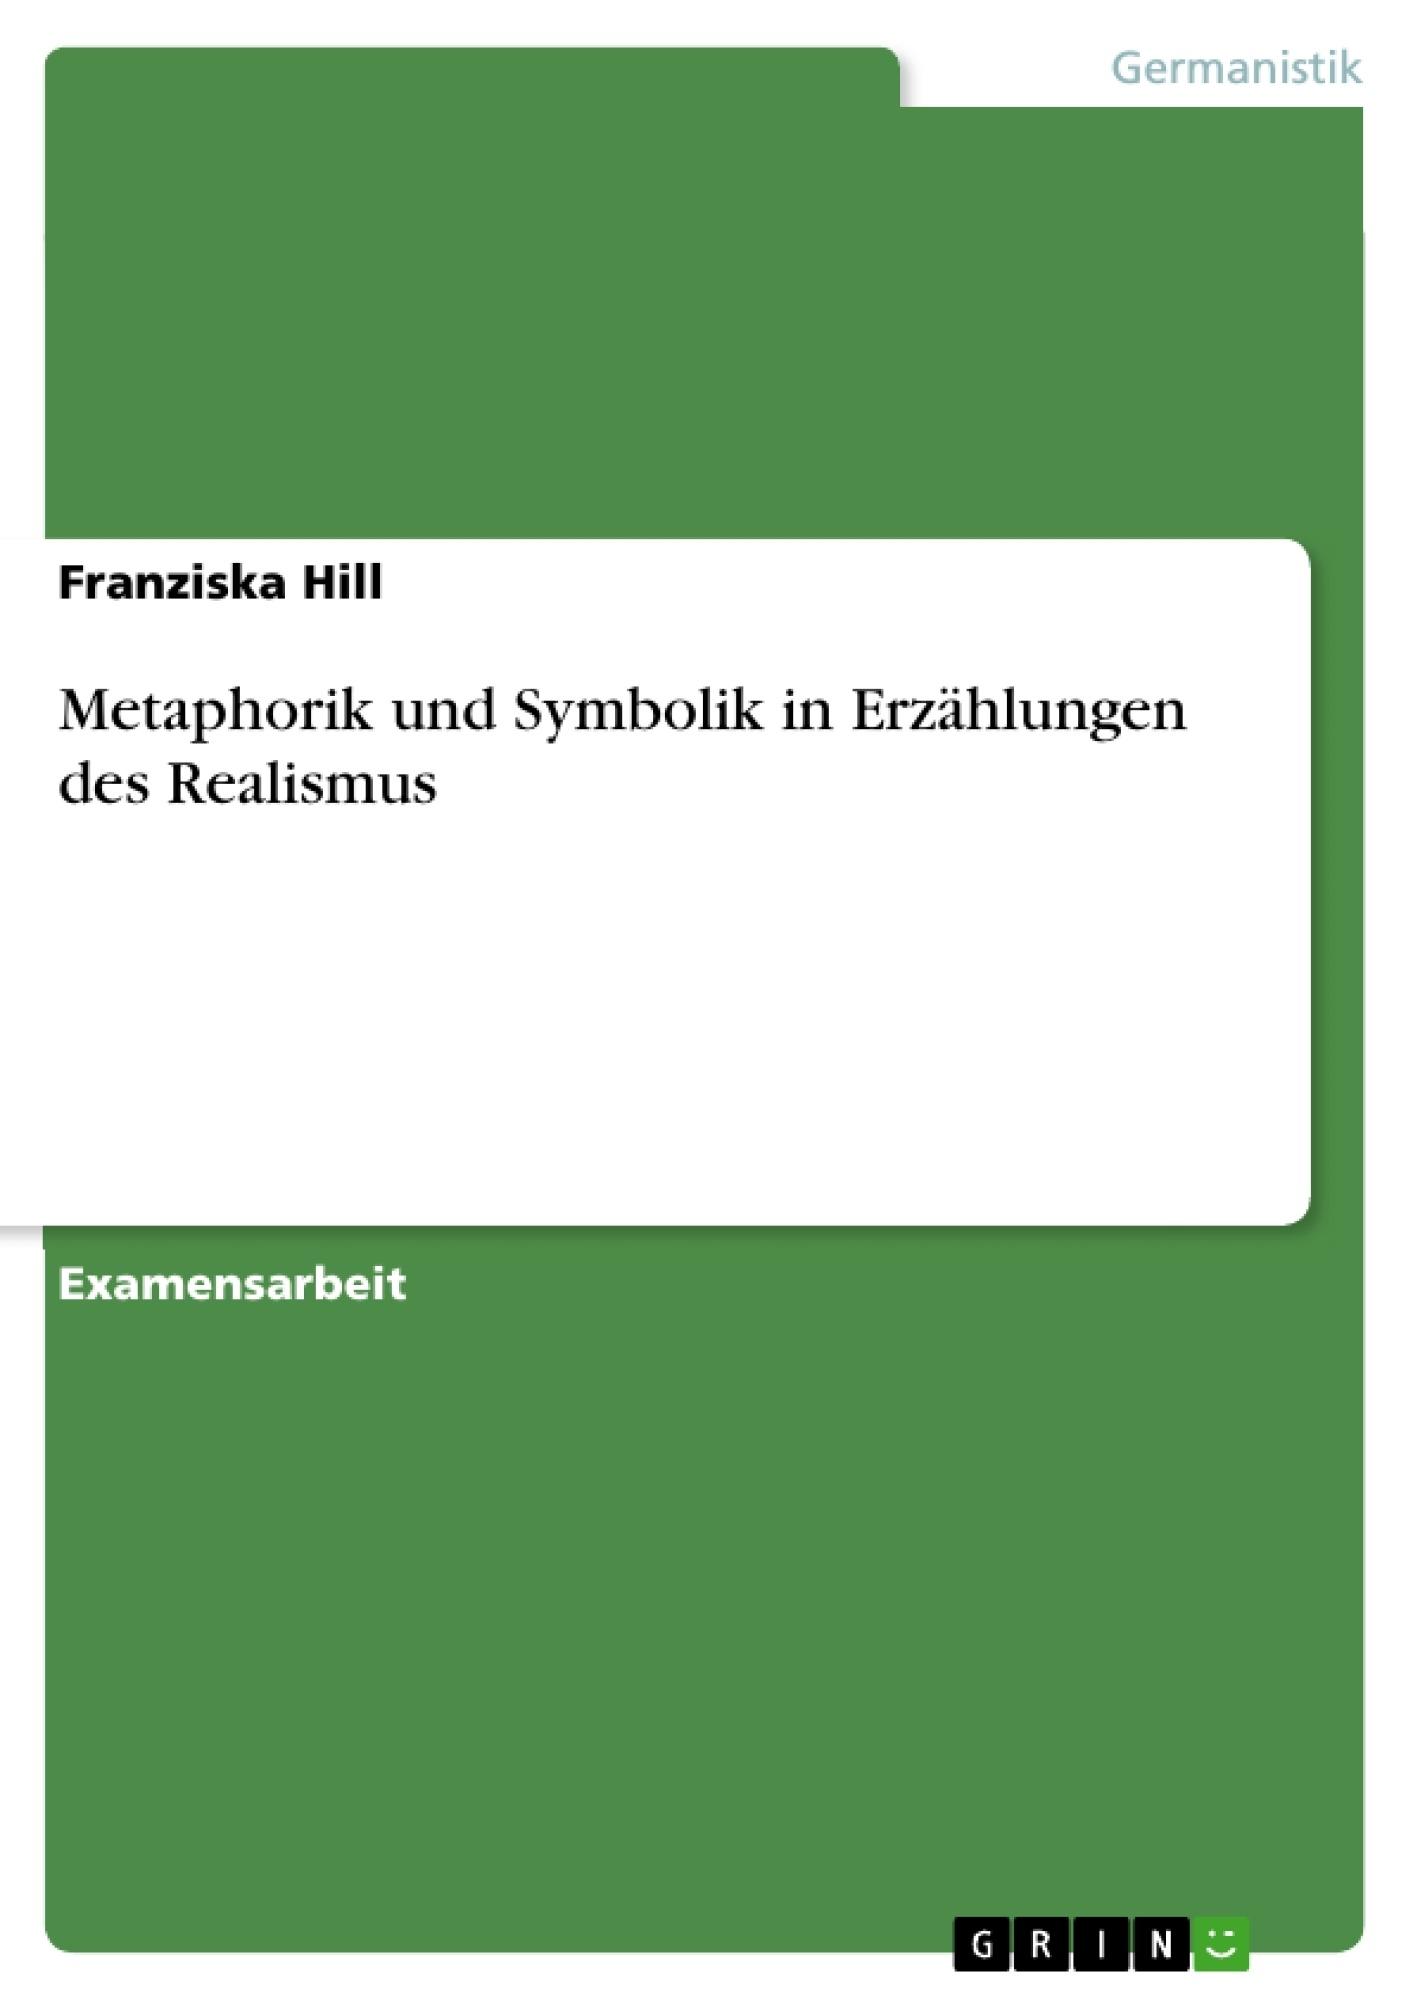 Metaphorik und Symbolik in Erzählungen des Realismus ...